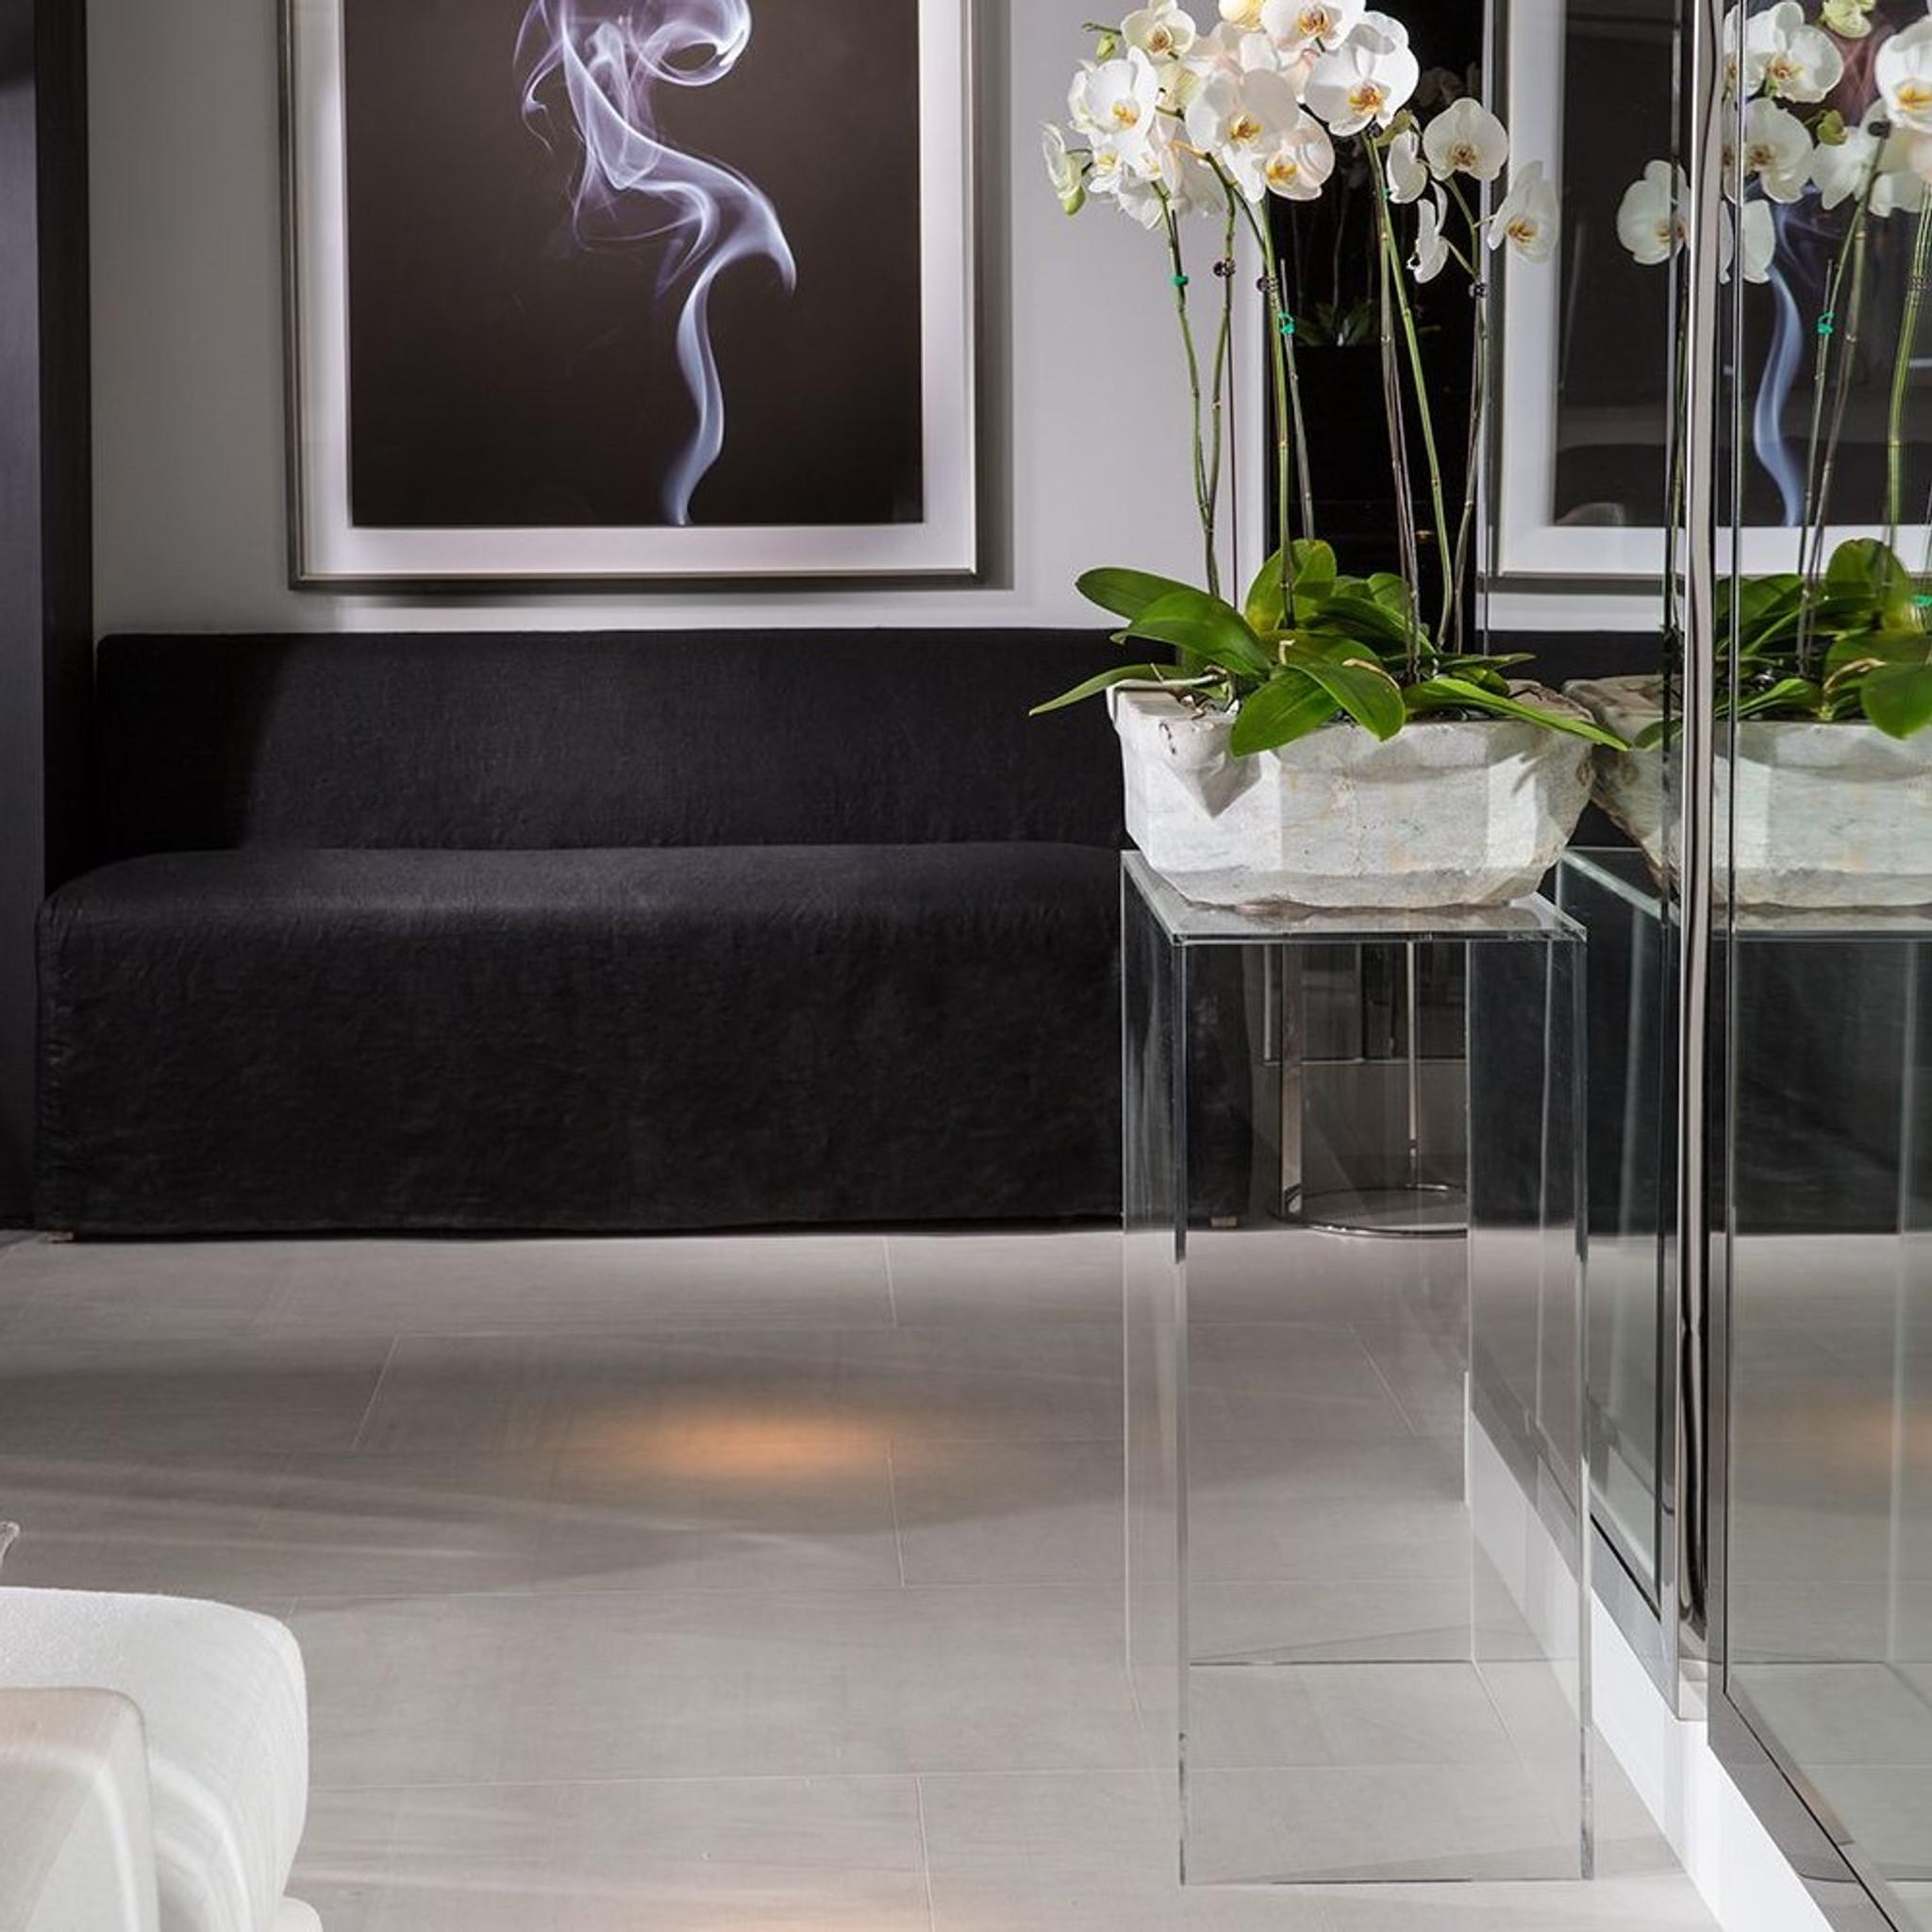 clear lucite acrylic tall modern plexiglass art sculpture pedestal stand 36